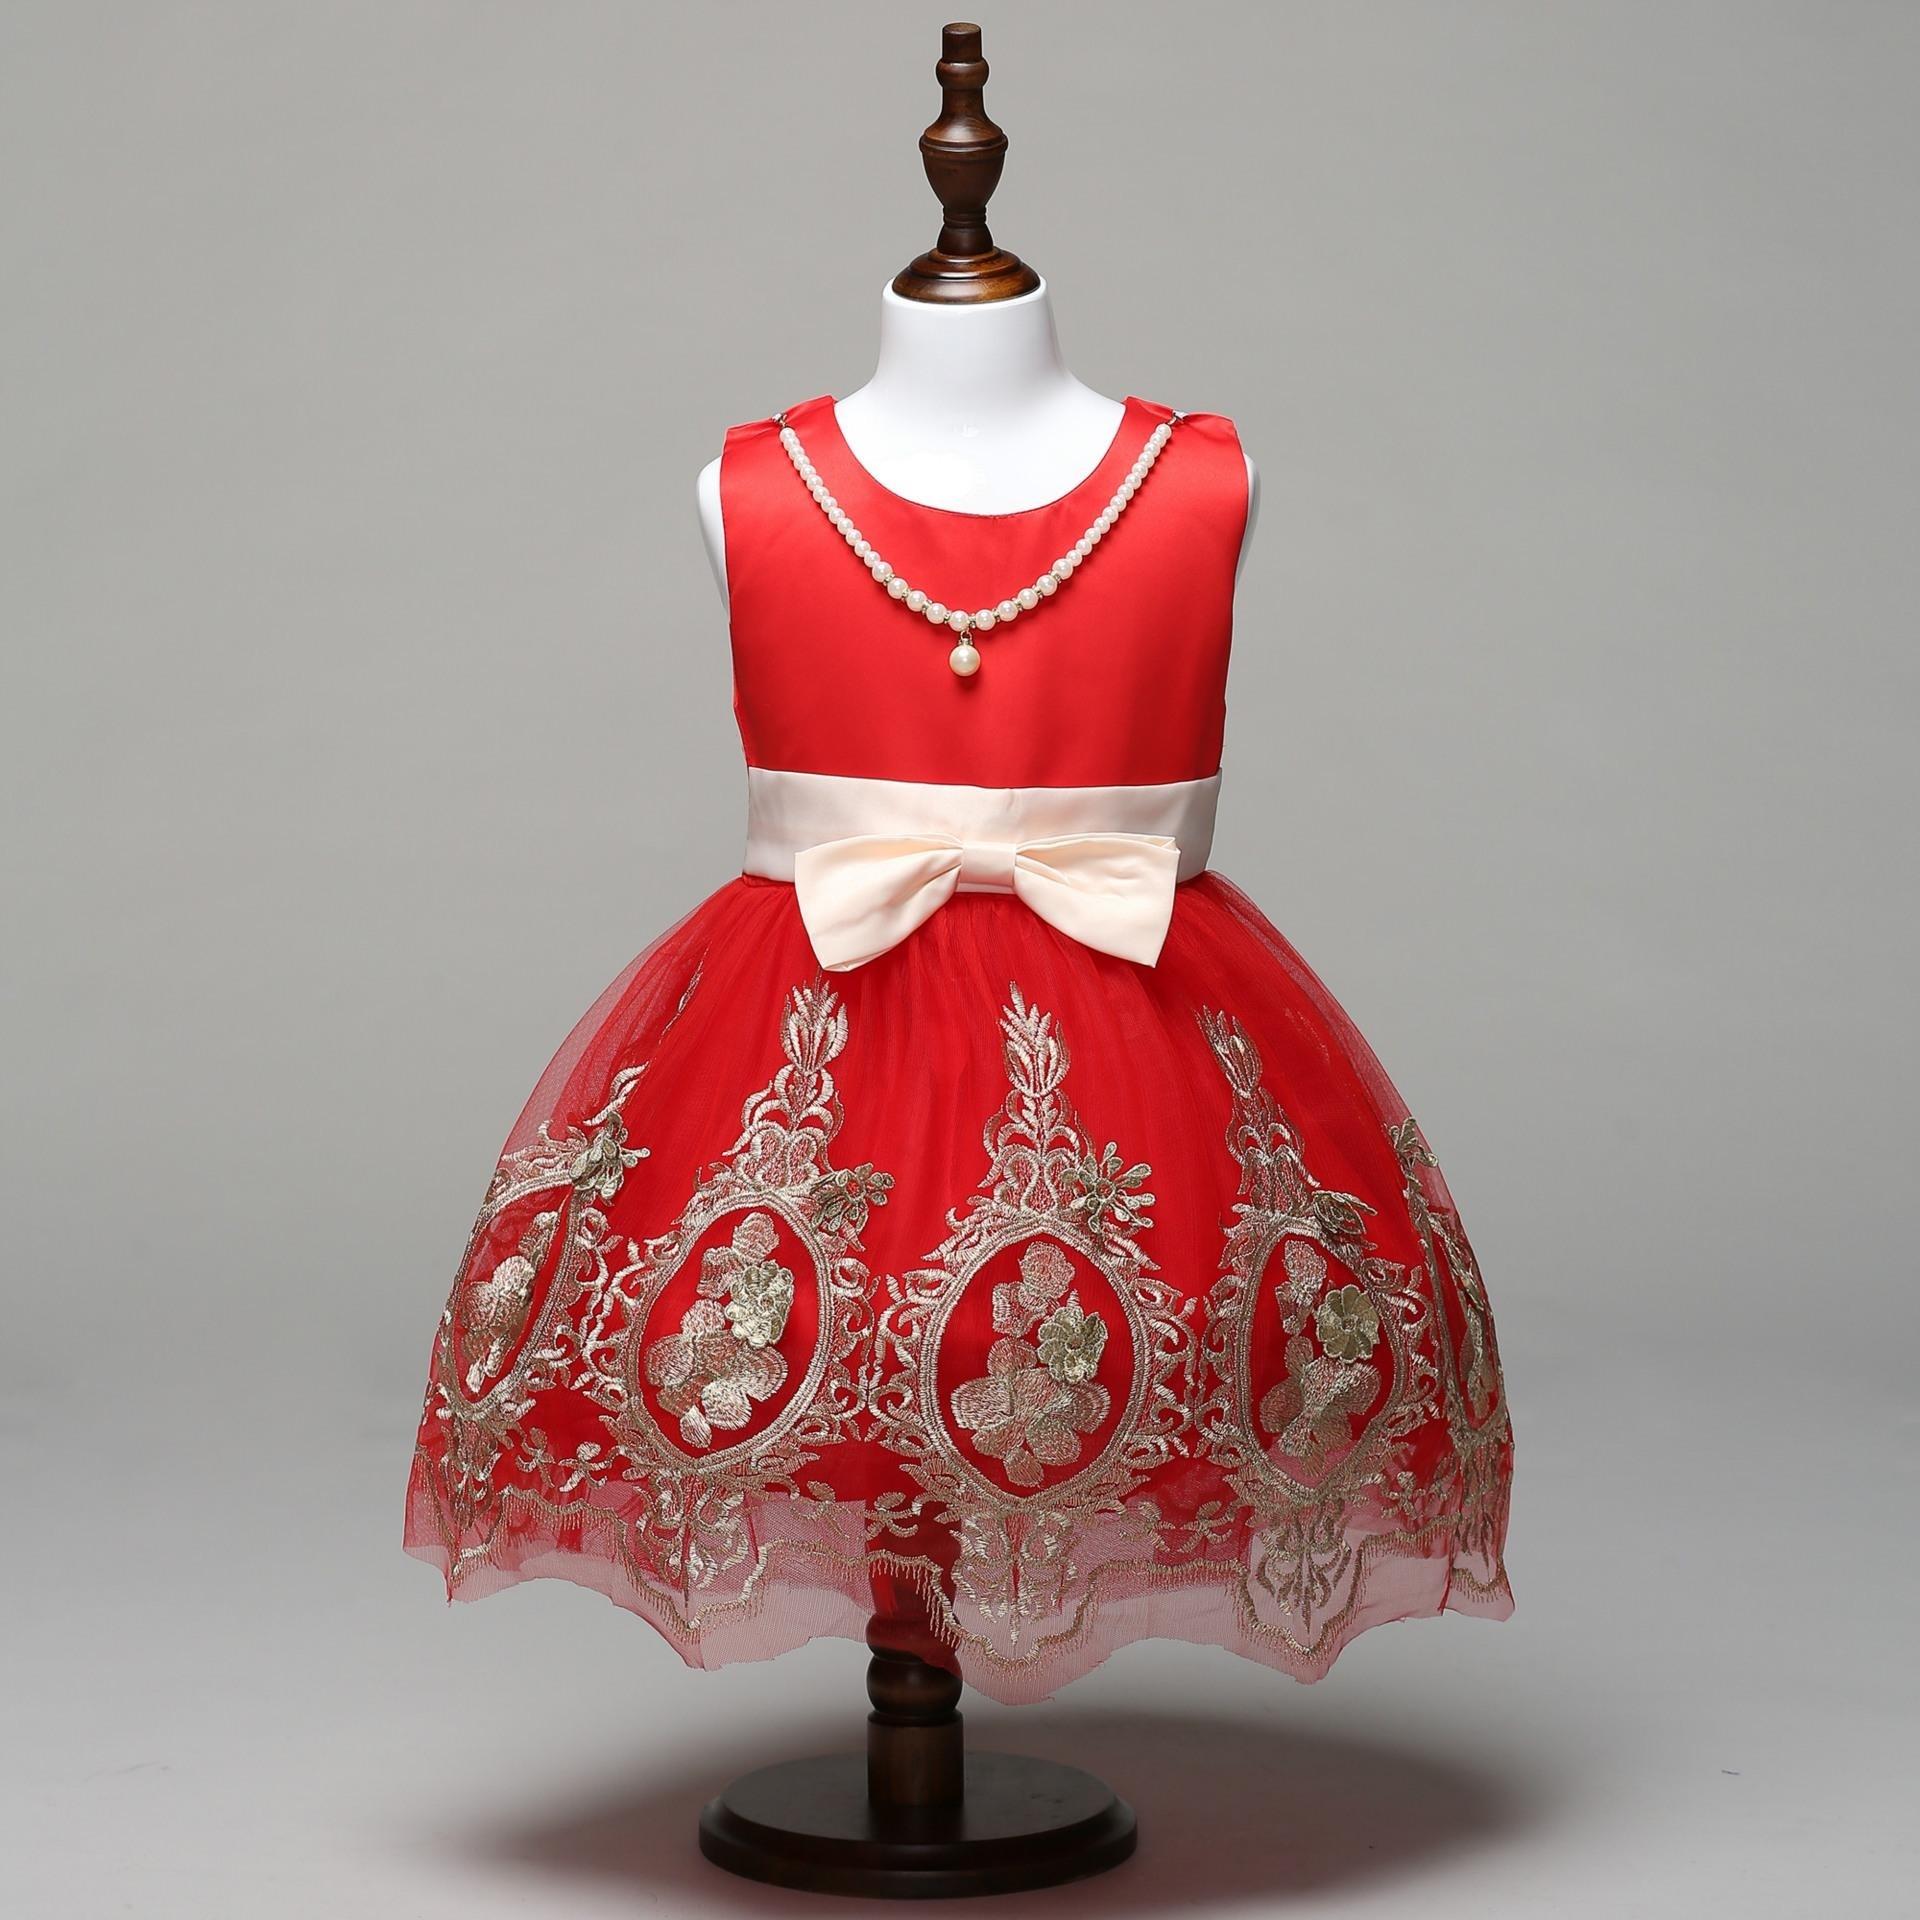 Leicht Kleid Für Hochzeit Rot Bester PreisFormal Einfach Kleid Für Hochzeit Rot Spezialgebiet